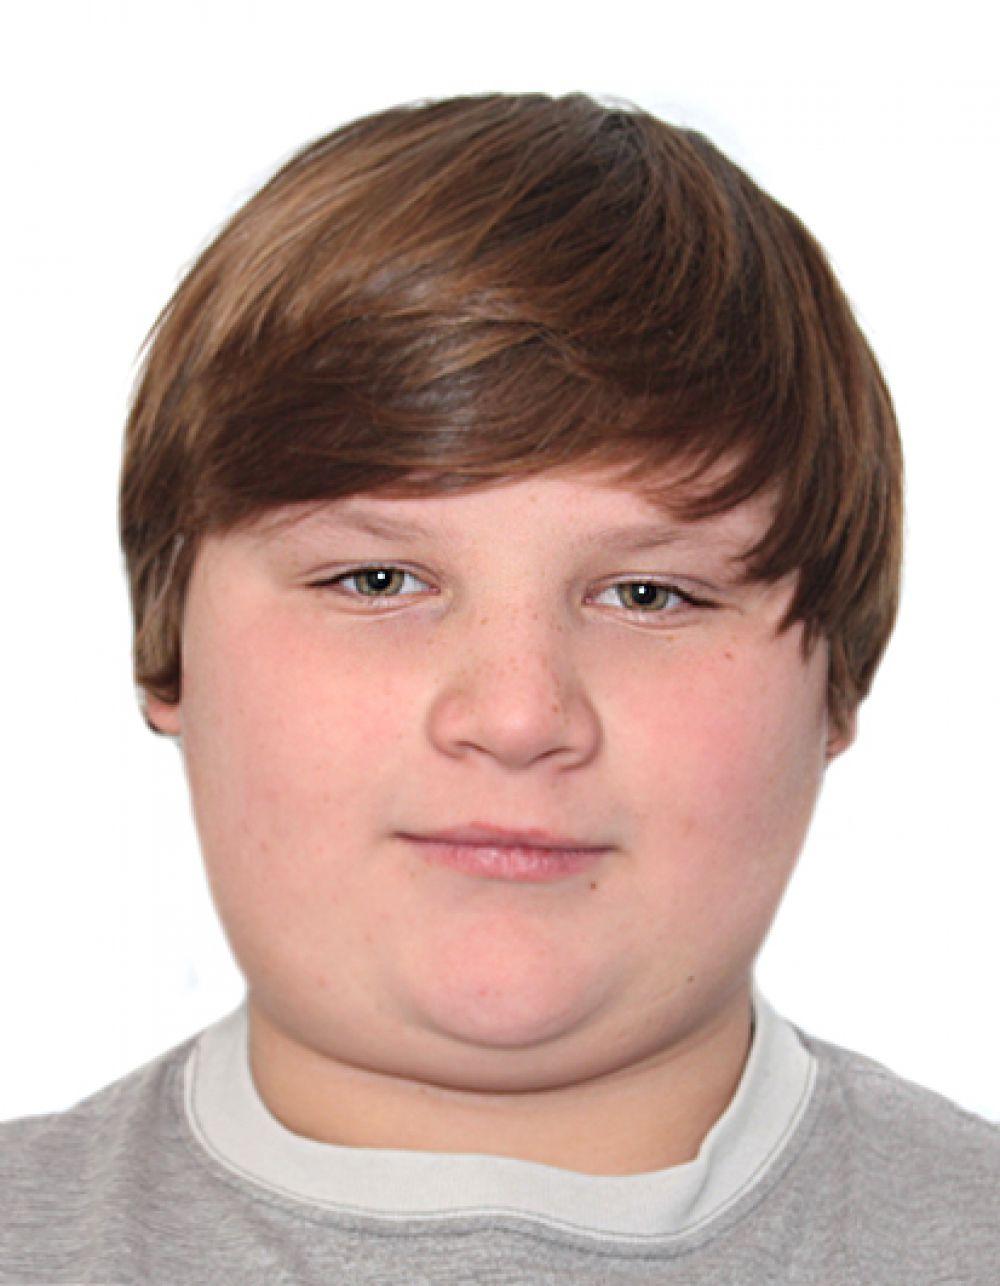 Геннадий, 15 лет. Общительный, доброжелательный, любознательный, внимательный, занимается тайским боксом, играет в настольный теннис.